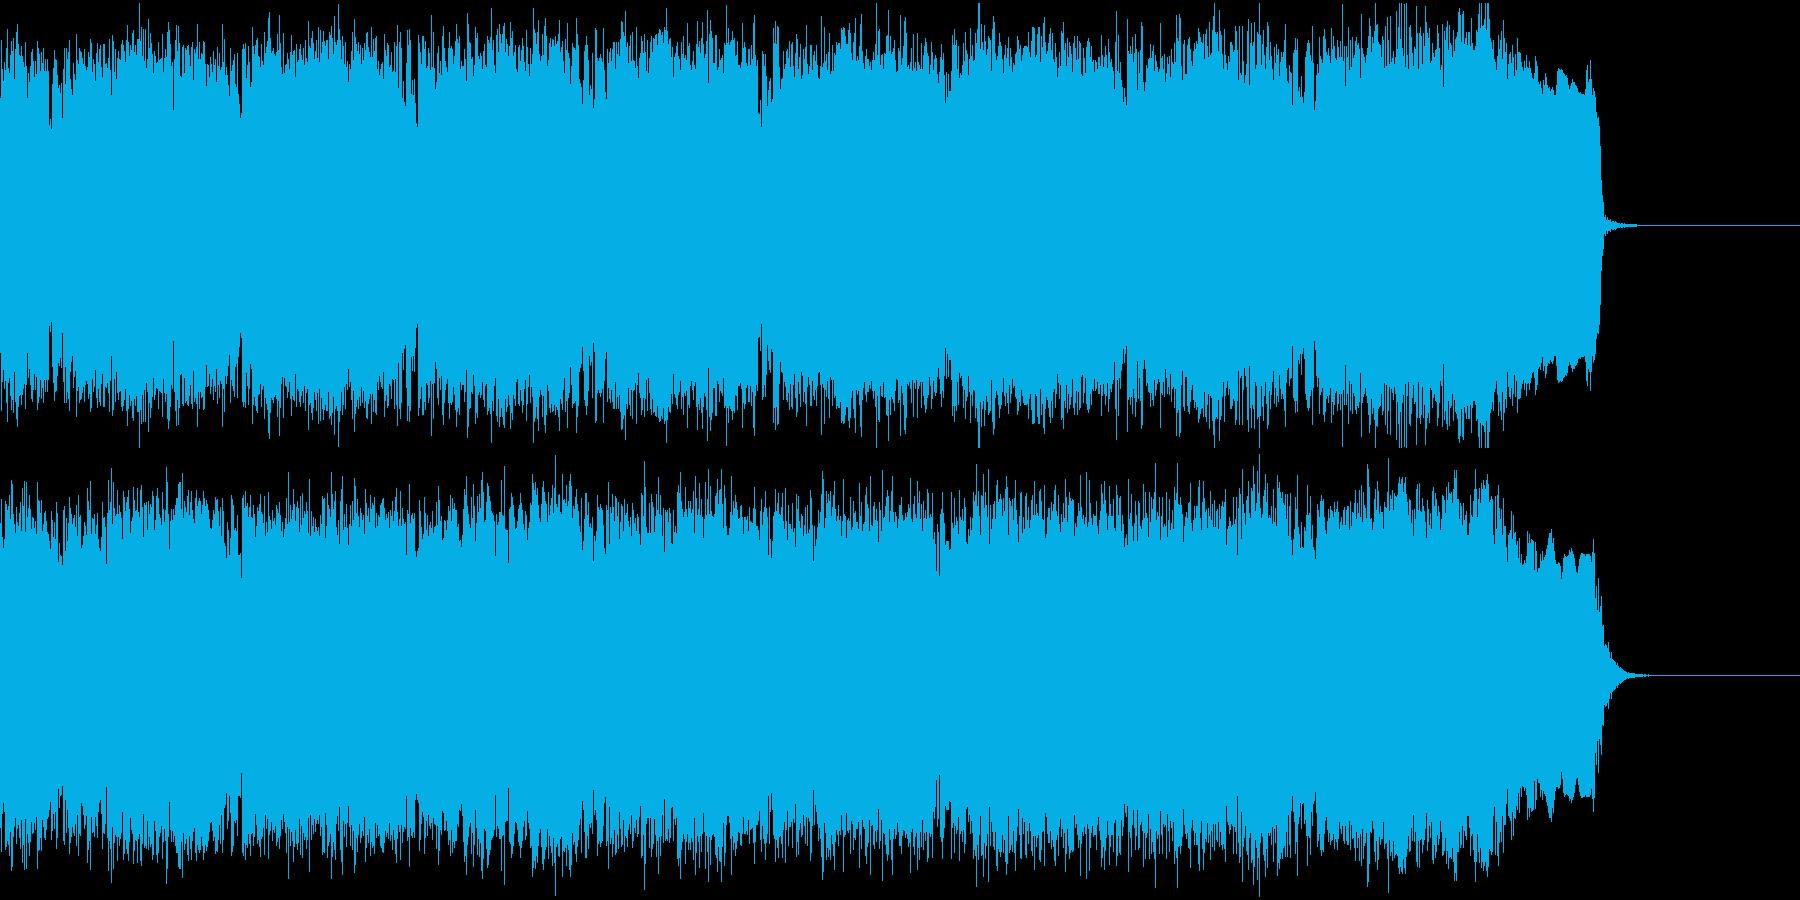 ヴァンヘイレン風 明るいロックの再生済みの波形